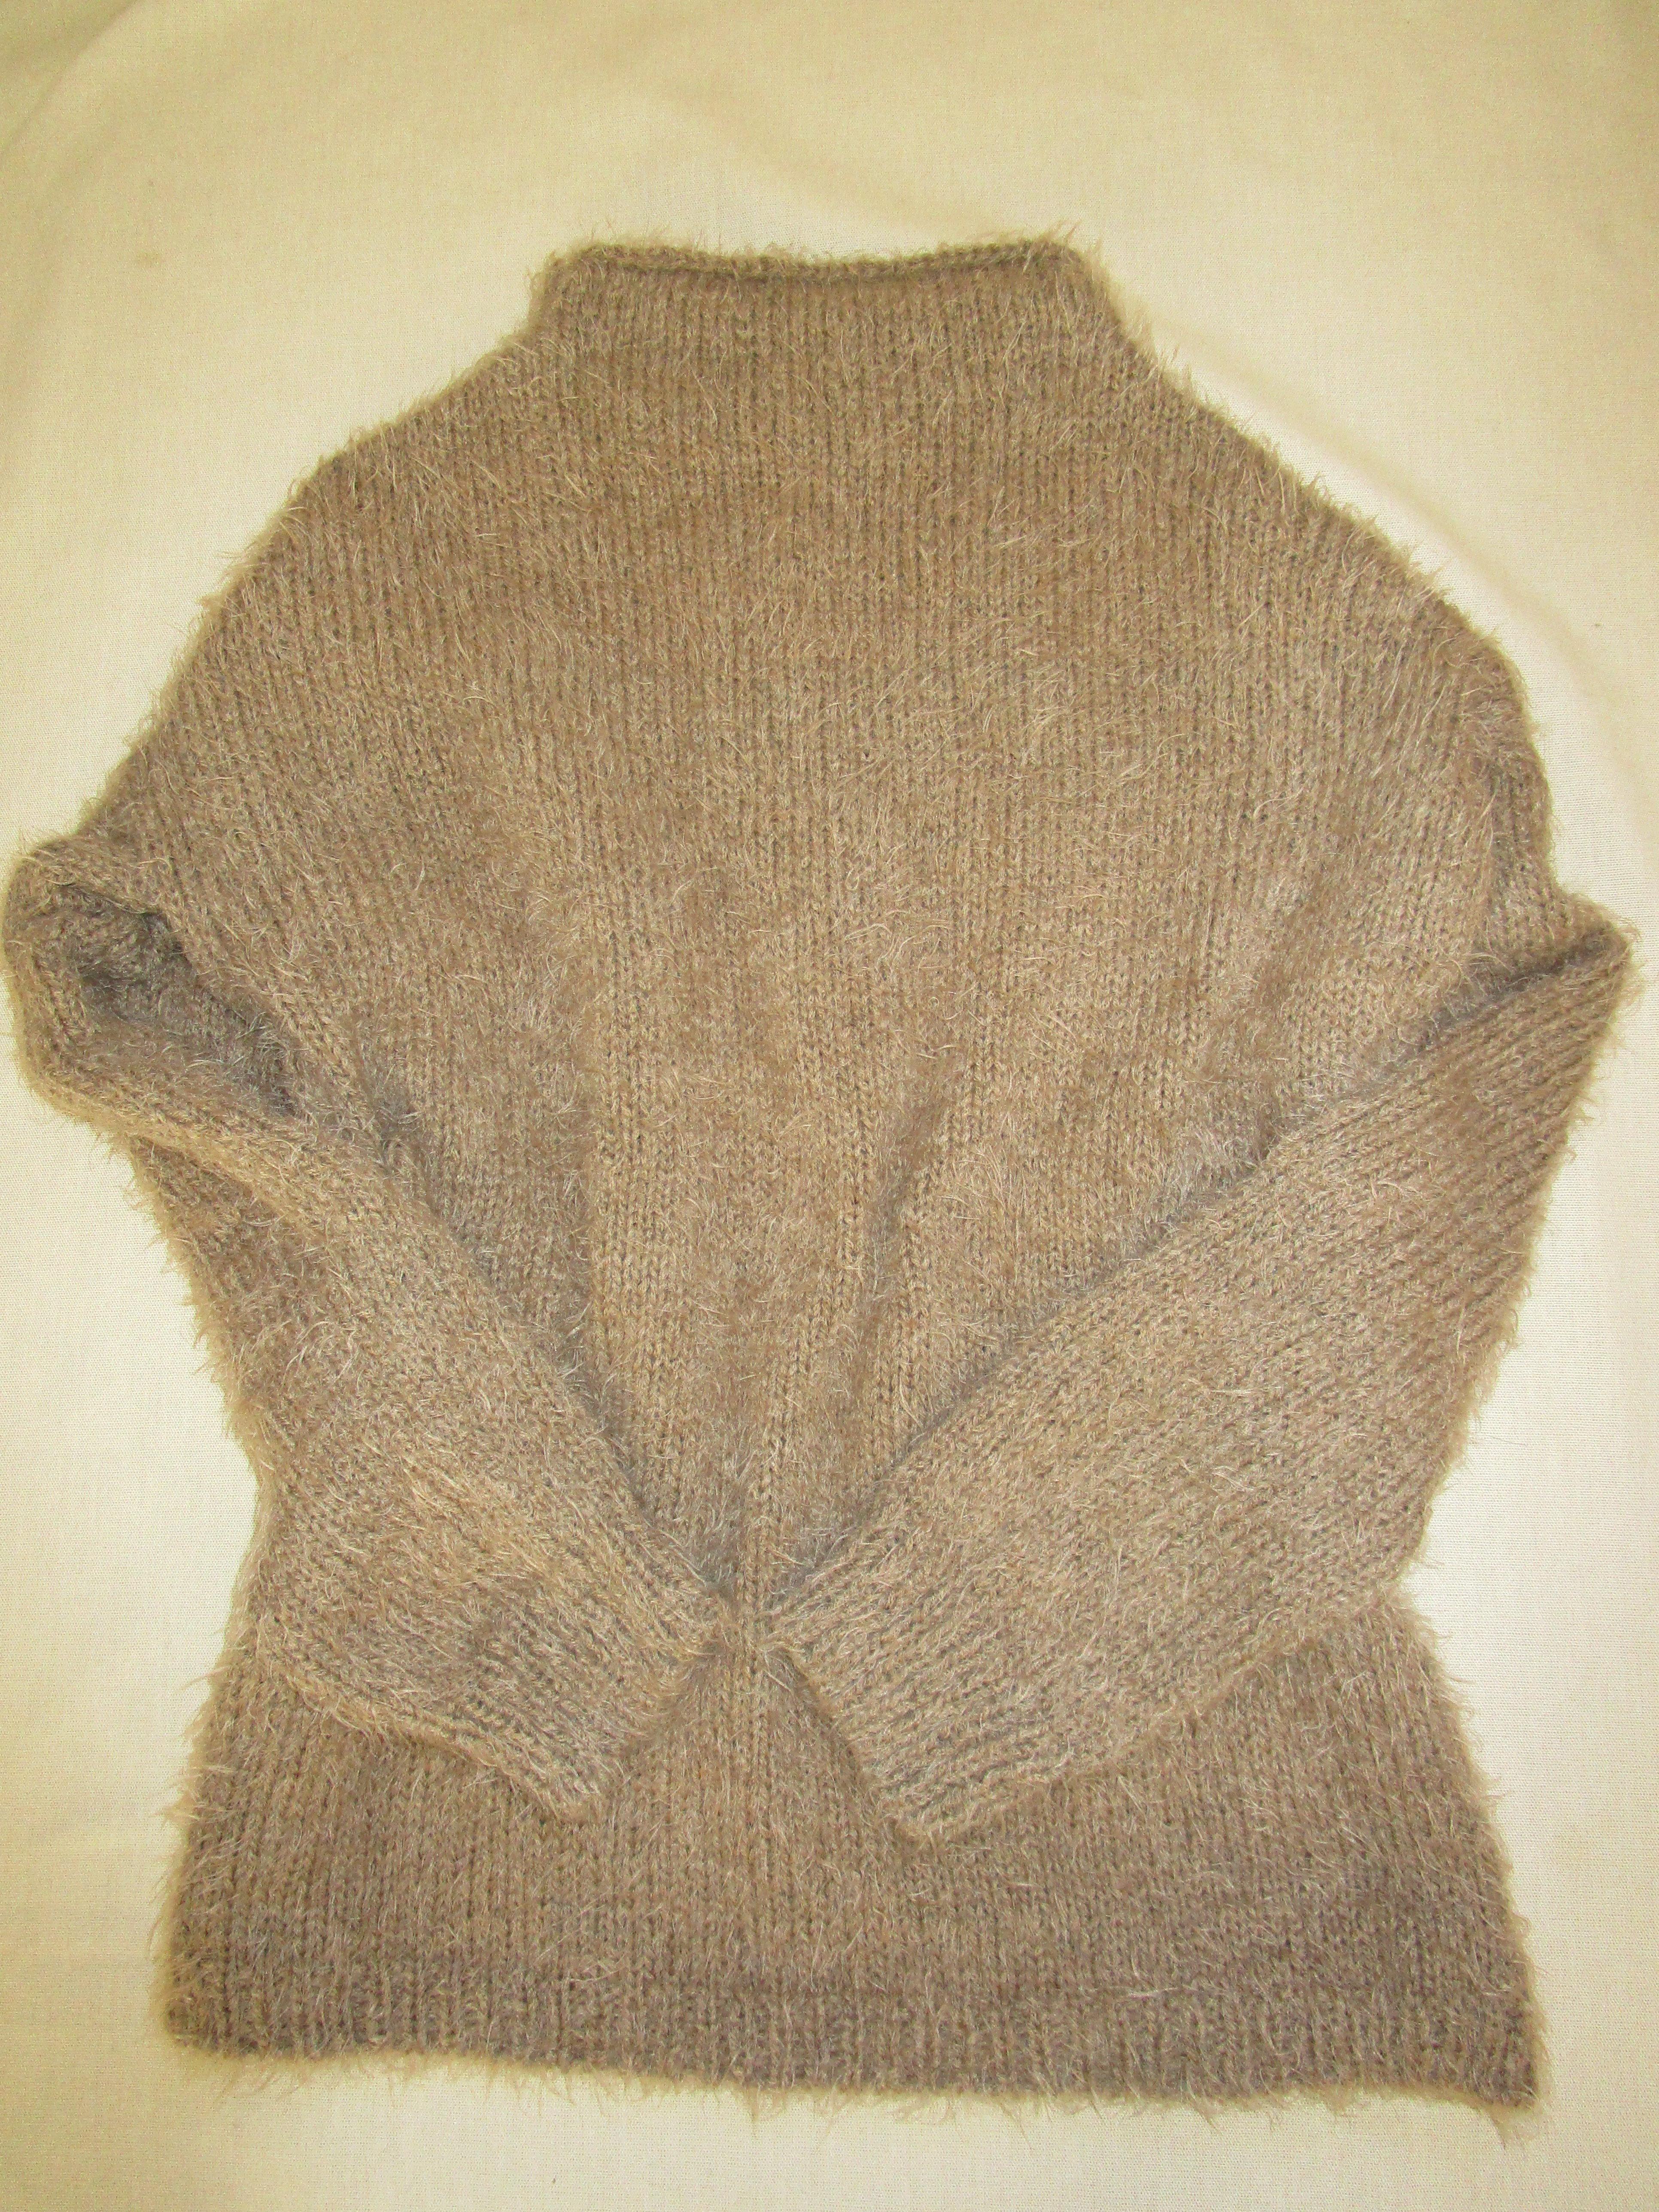 編み直しベージュストールからセーターにリメイク